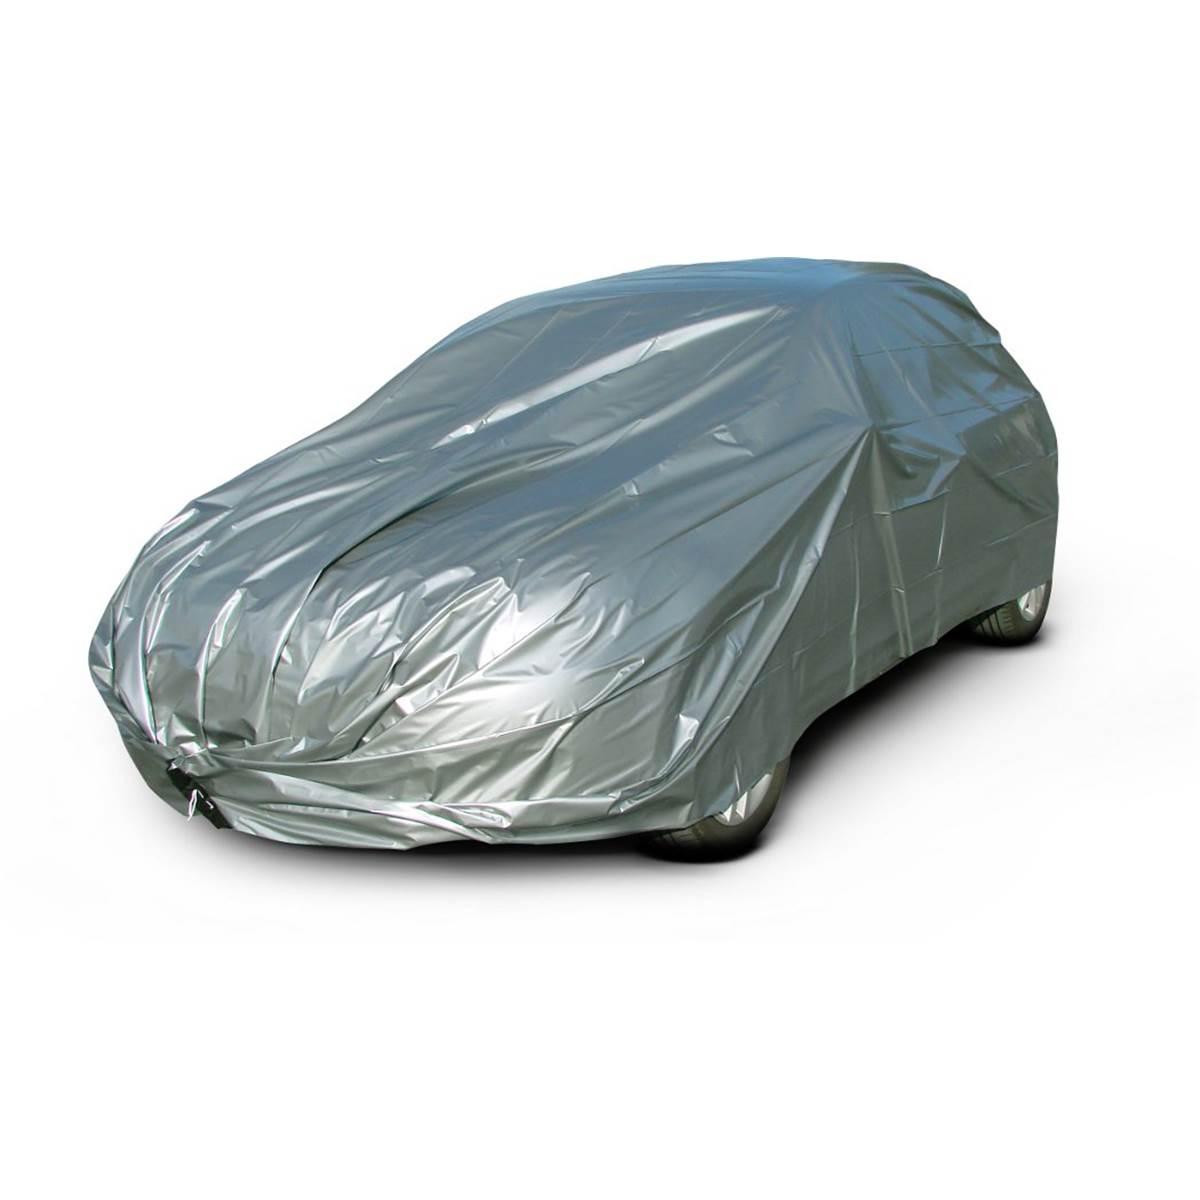 voiture housse achat vente de voiture pas cher. Black Bedroom Furniture Sets. Home Design Ideas